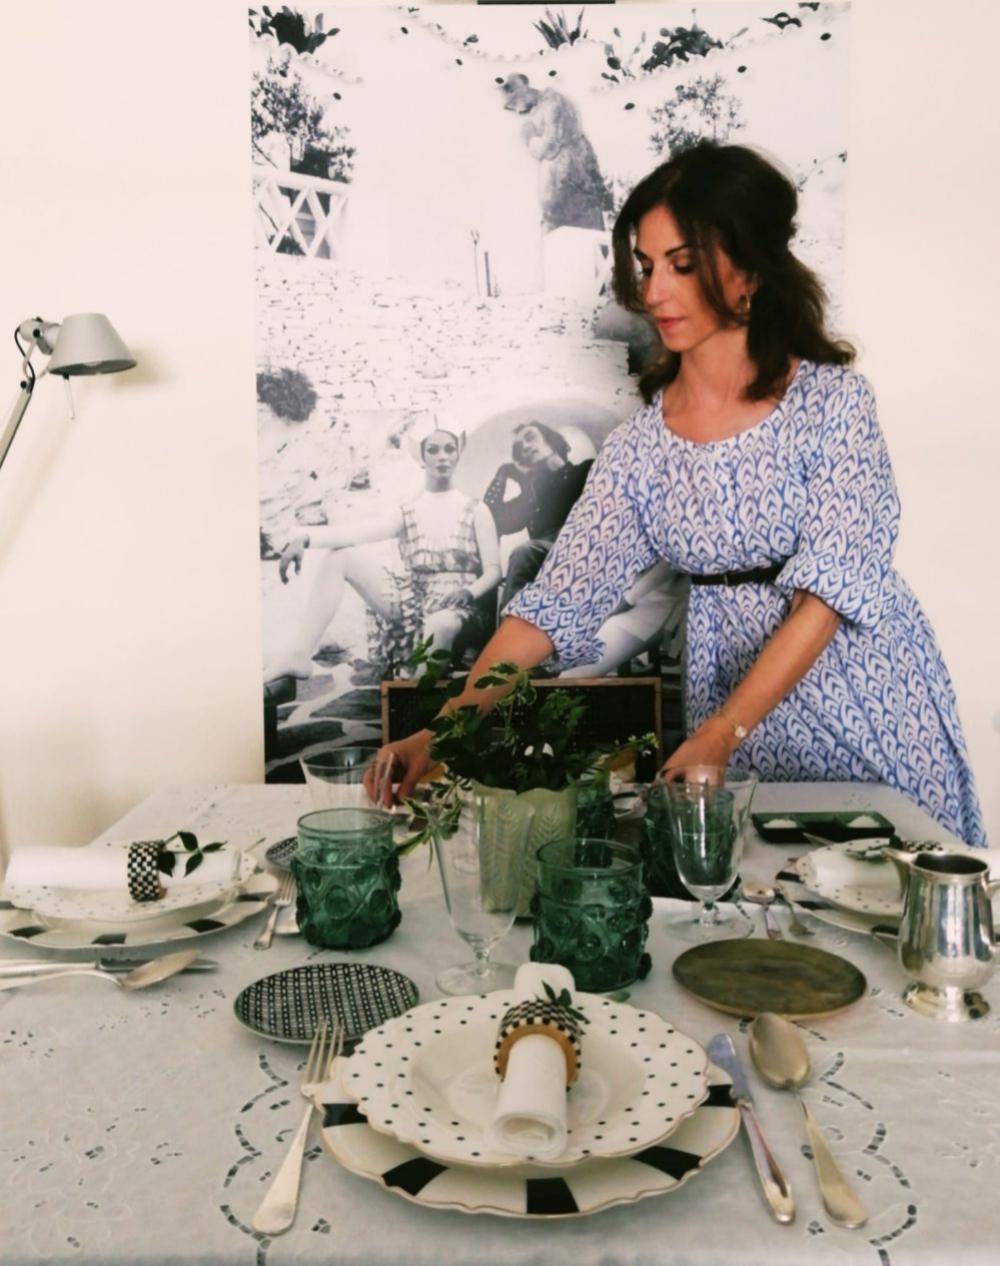 Lucía Francesch, colocando la mesa con mantel blanco de Ibiza y vajilla bicolor.